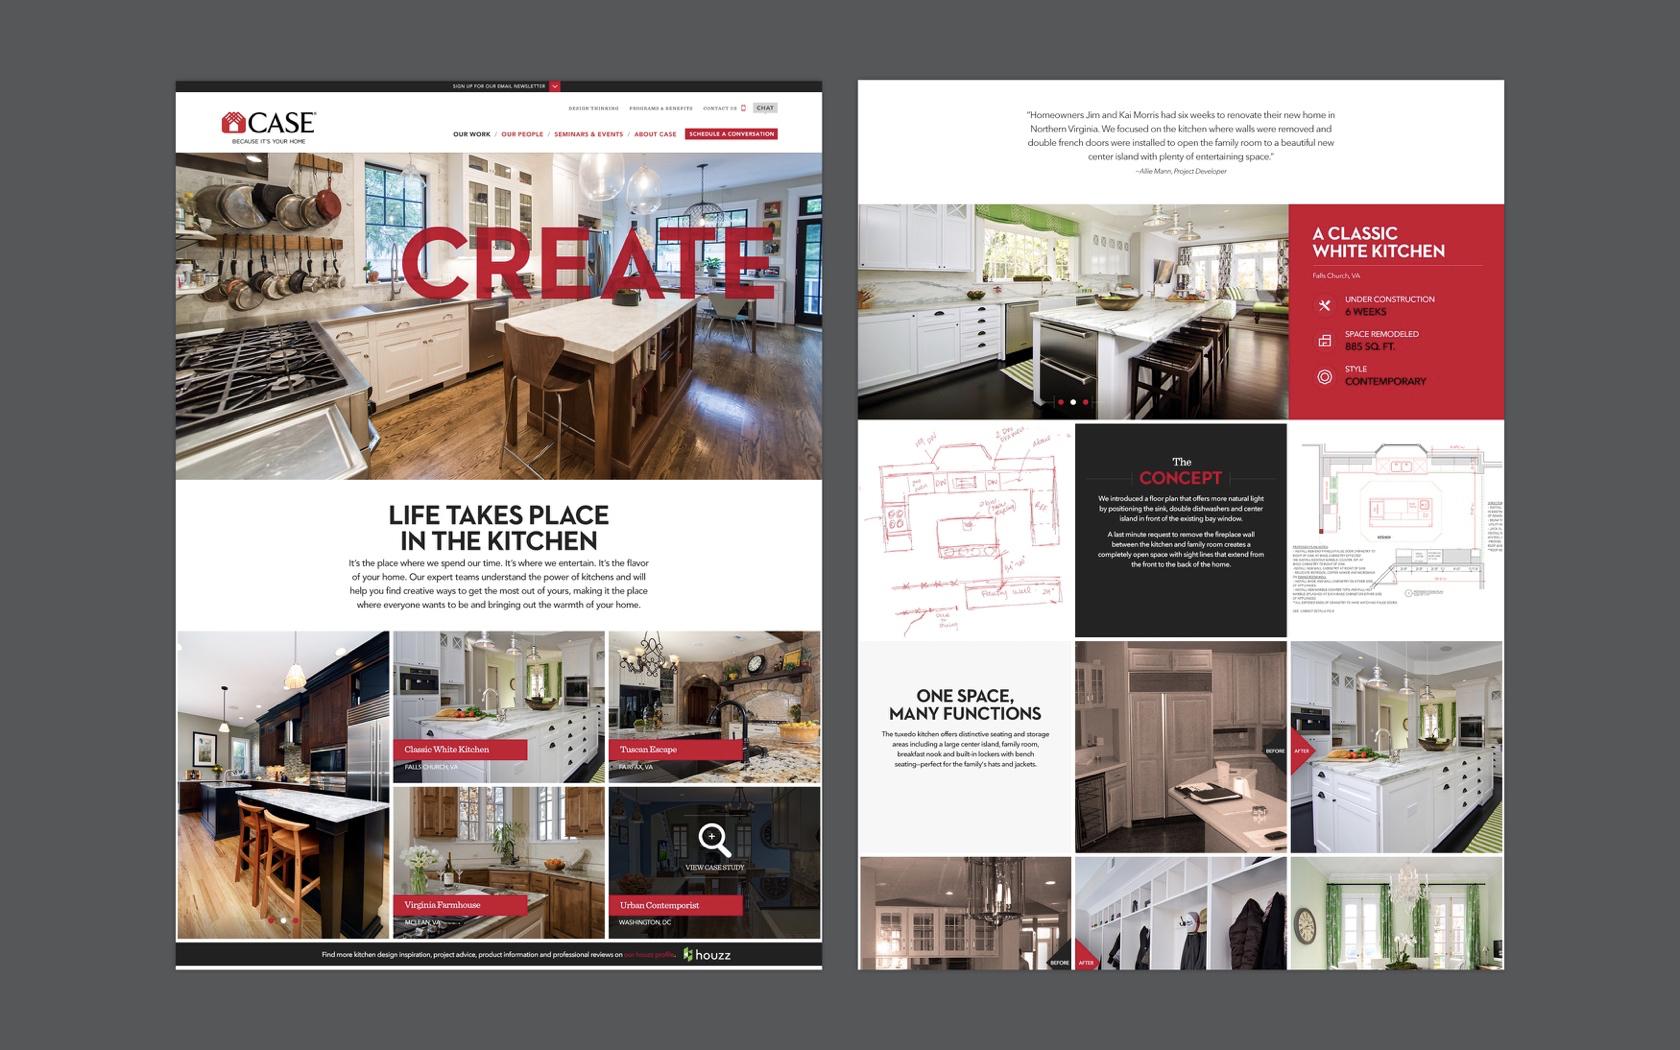 Case Design & Remodeling Website